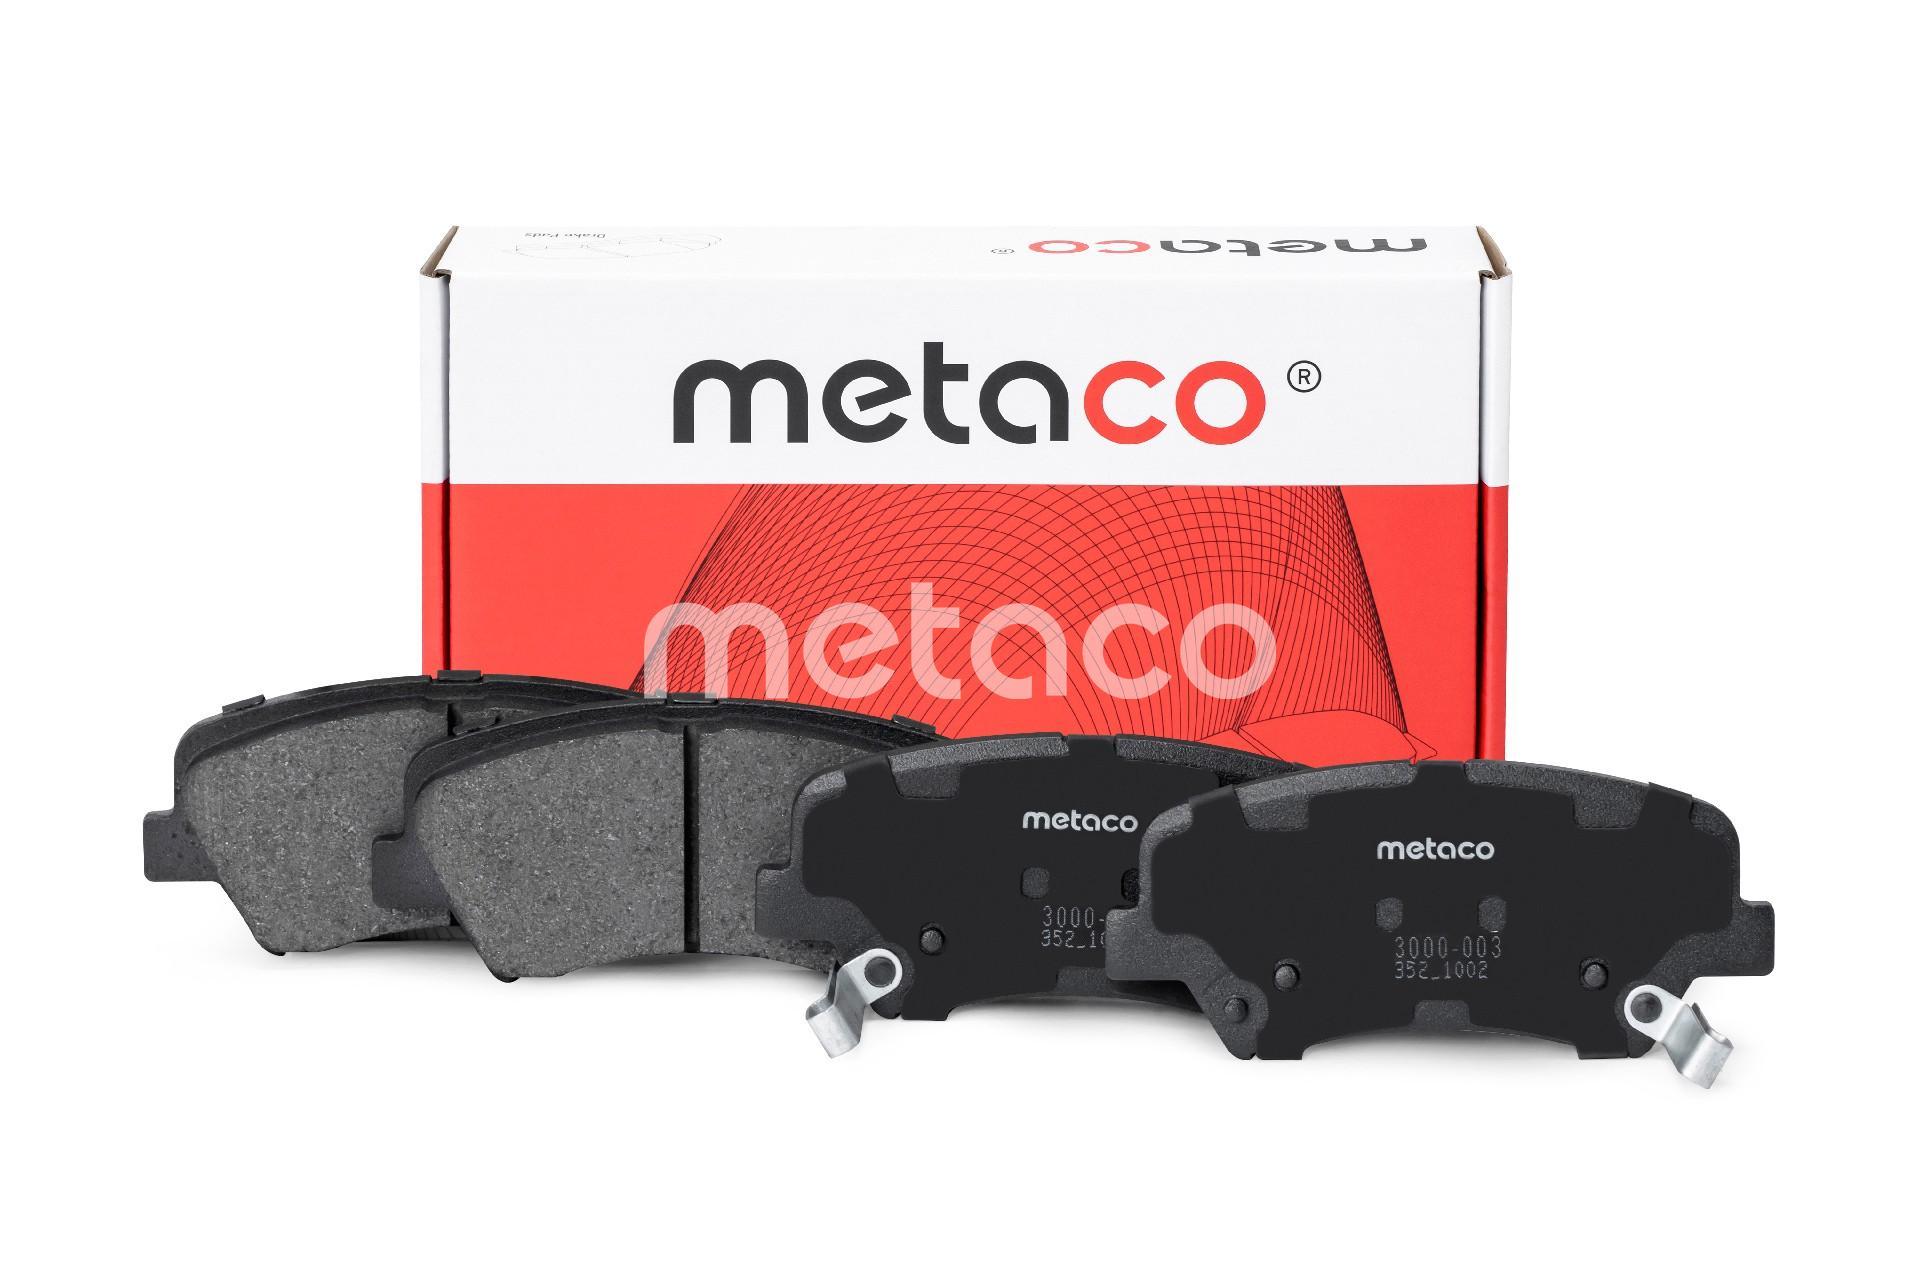 Metaco 3000-003 Hyundai-Kia 581014ZA00, 581011UA00, 58101A7A00, 58101A6A01, 58101A6A02, 58101A4A11, 581012VA00, 581013XA20, 58101A6A00, 581013VA70, 581013XA10, 581013XA00, 581012VA50